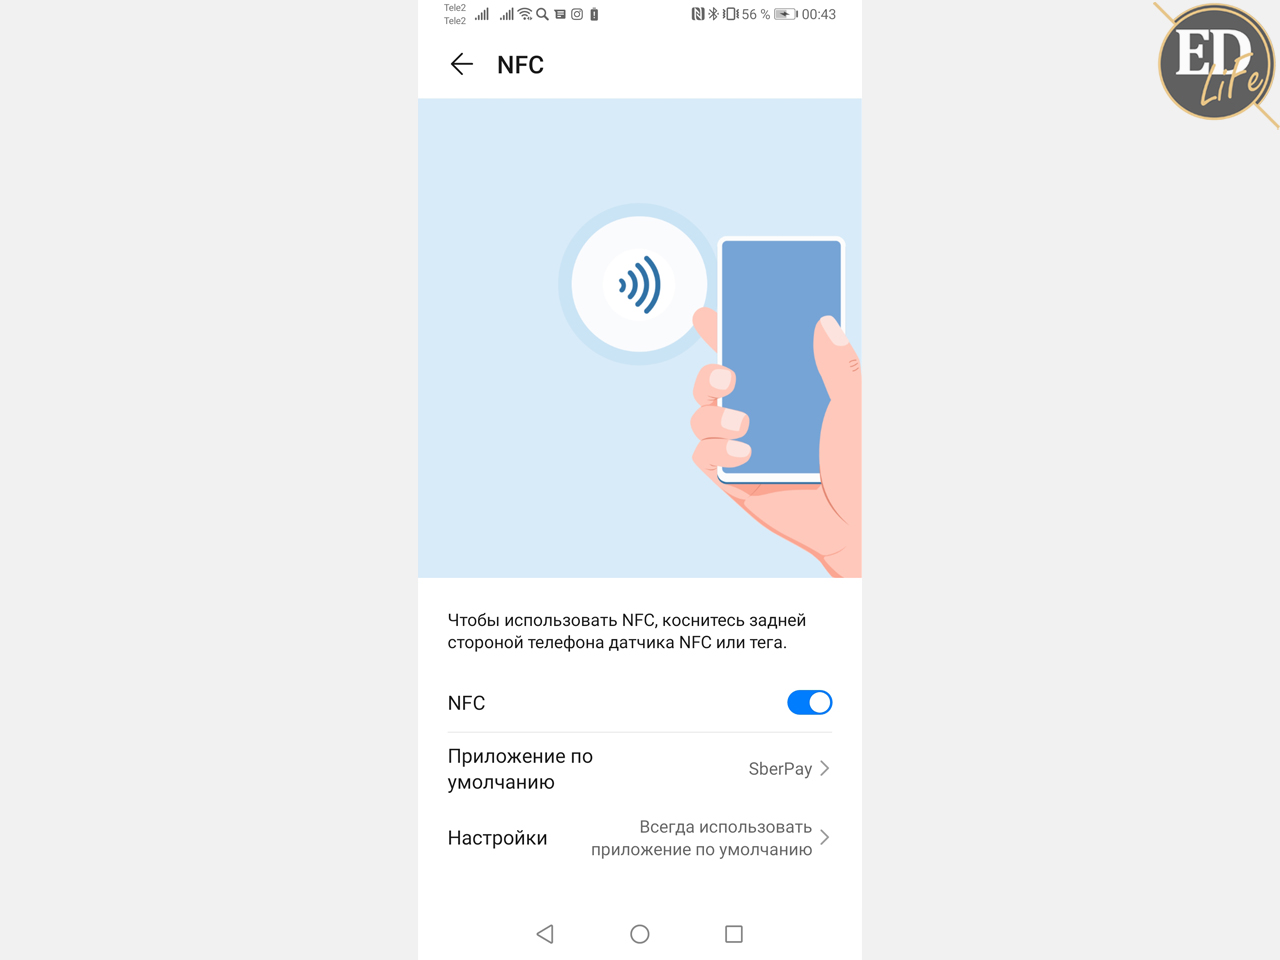 Назначаем SberPay платежным средством по умолчанию для бесконтактной оплаты в настройках смартфона